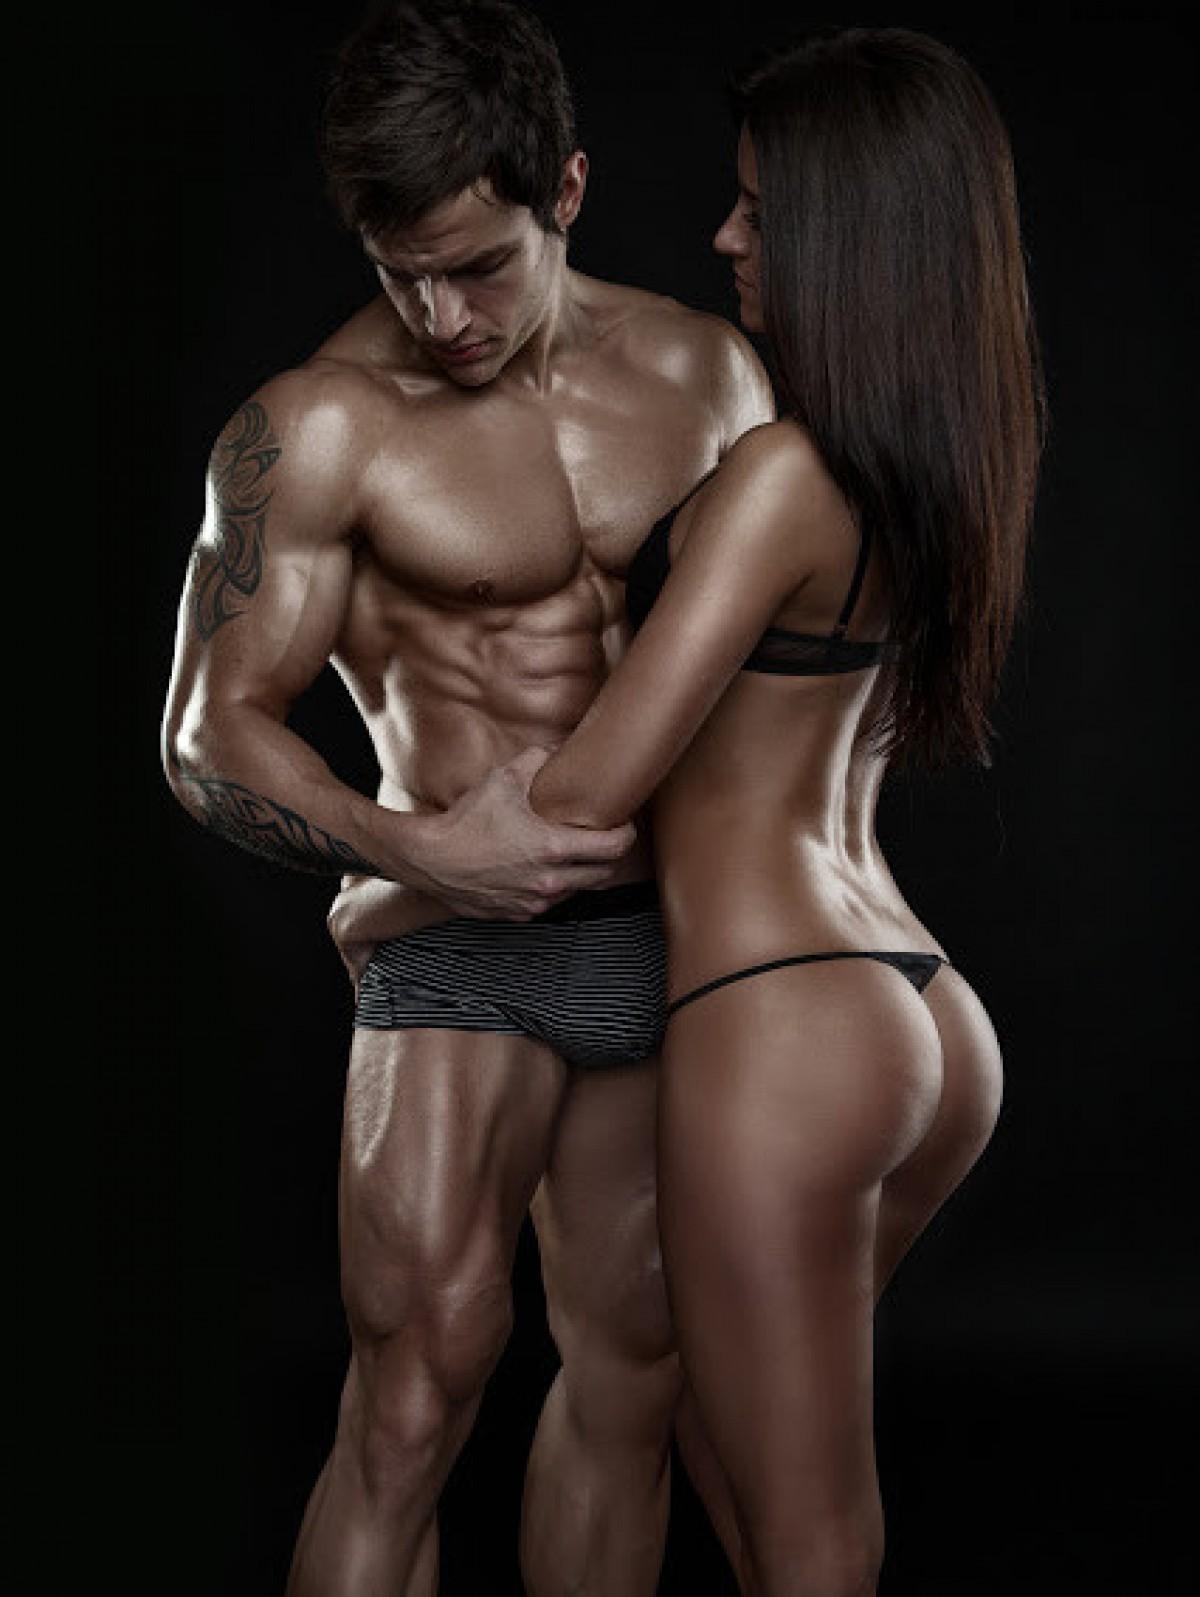 красивые фото голых парень с девушкой золушке